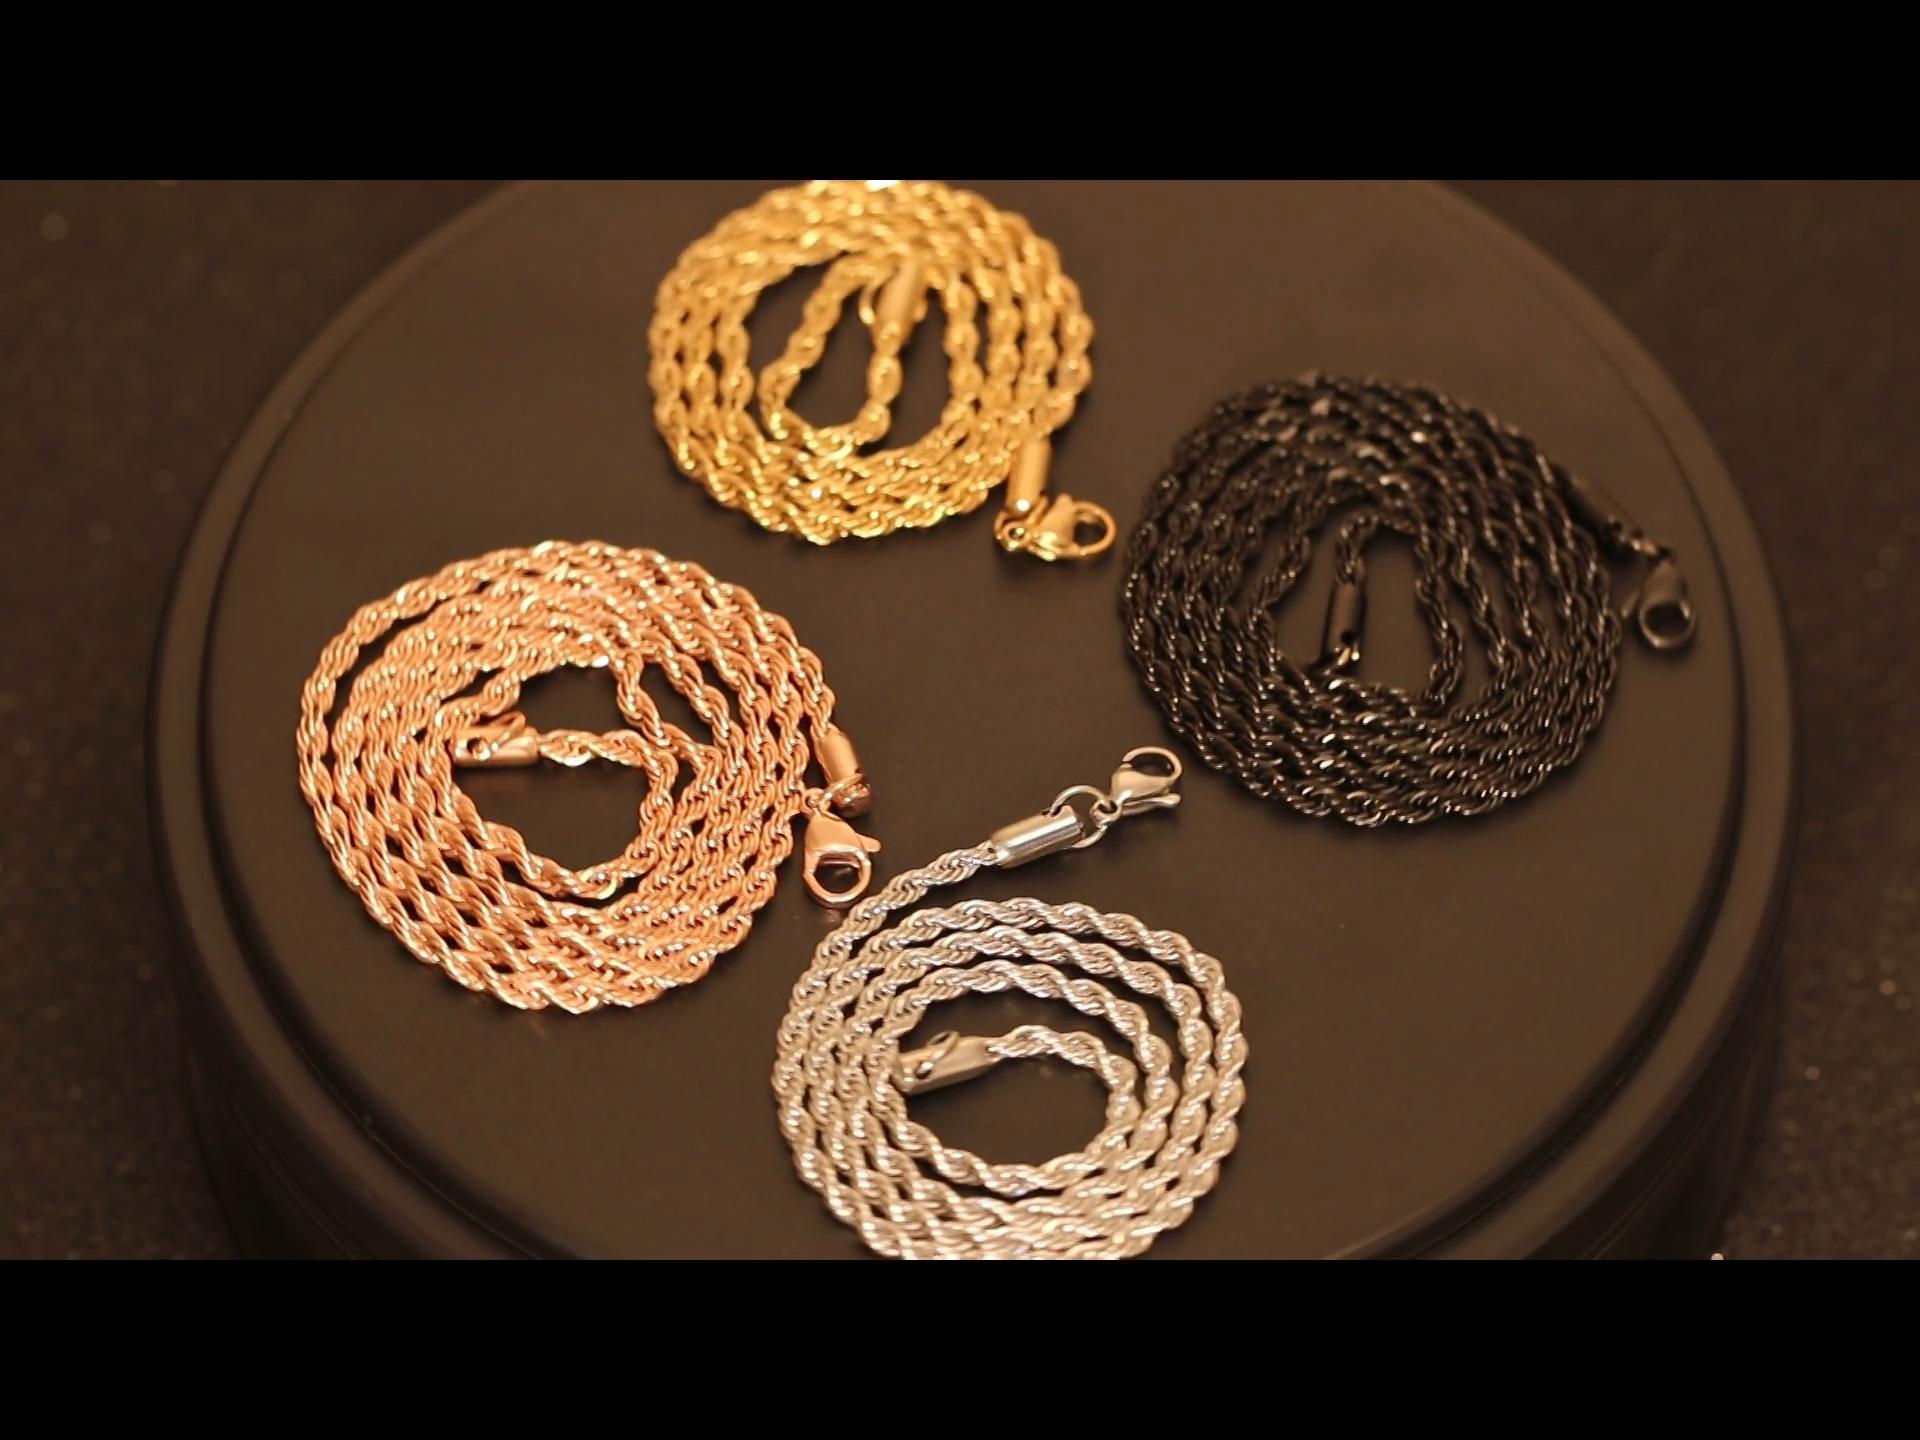 Высокое качество нержавеющей стальной трос цепи Заводская длина мужские ювелирные изделия ожерелье 18K позолоченные веревочной цепочке 3 мм 4 мм 5 мм 6 мм